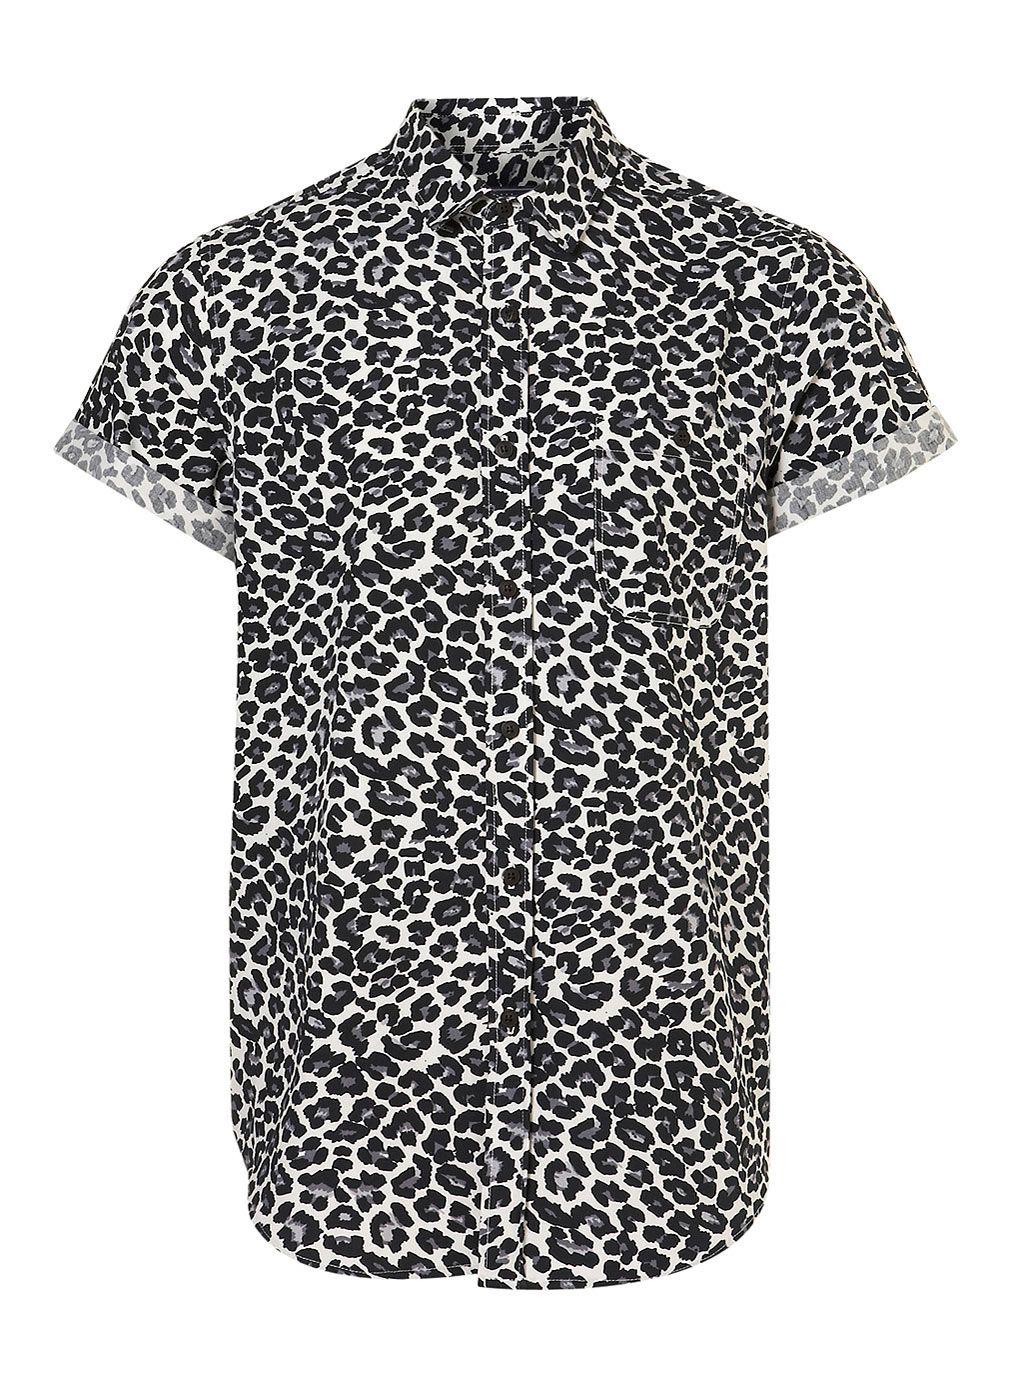 Black White Leopard Print Short Sleeve Shirt Leopard Print Shorts Leopard Print Shirt Cool Shirts For Men [ 1385 x 1019 Pixel ]